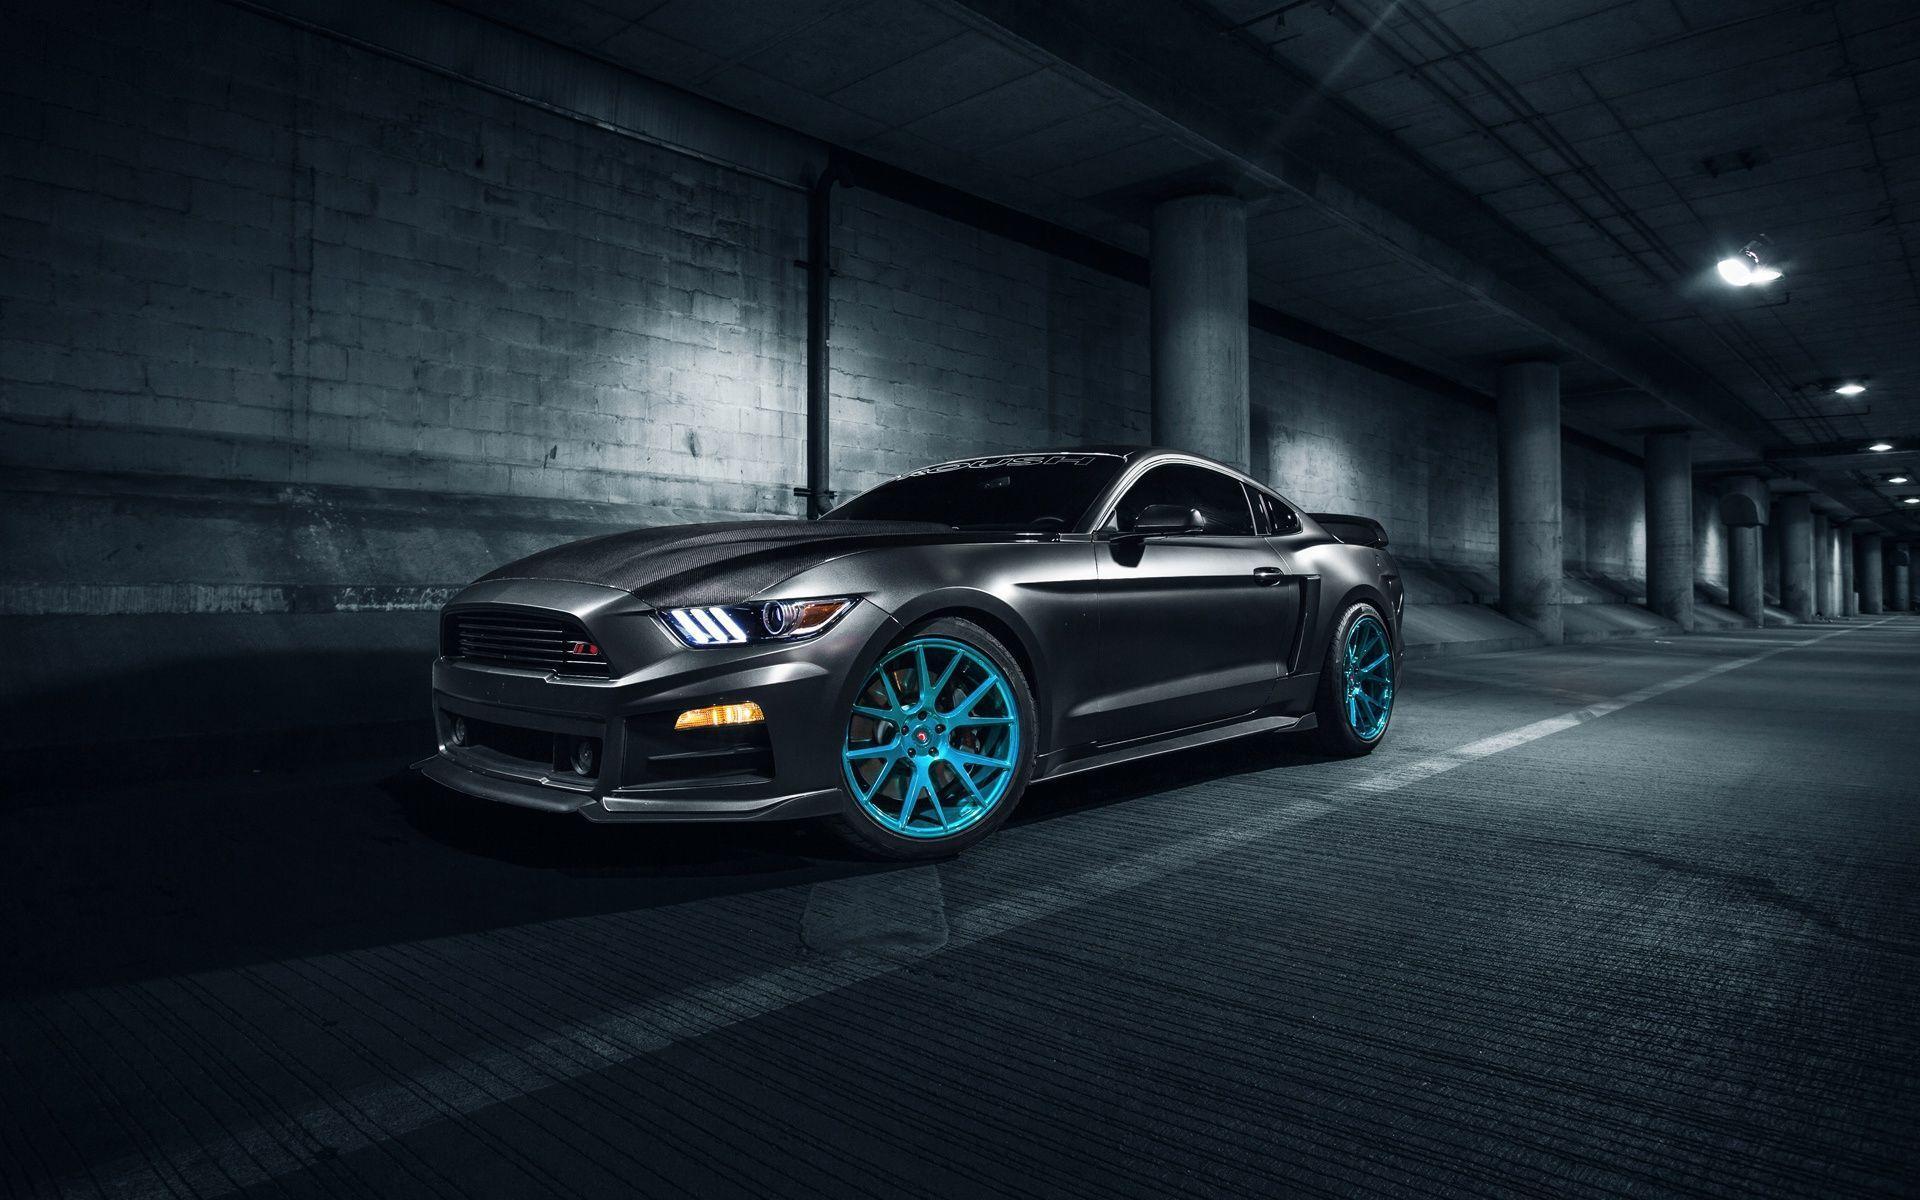 2017 Mustang Gt Wallpapers - Wallpaper Cave